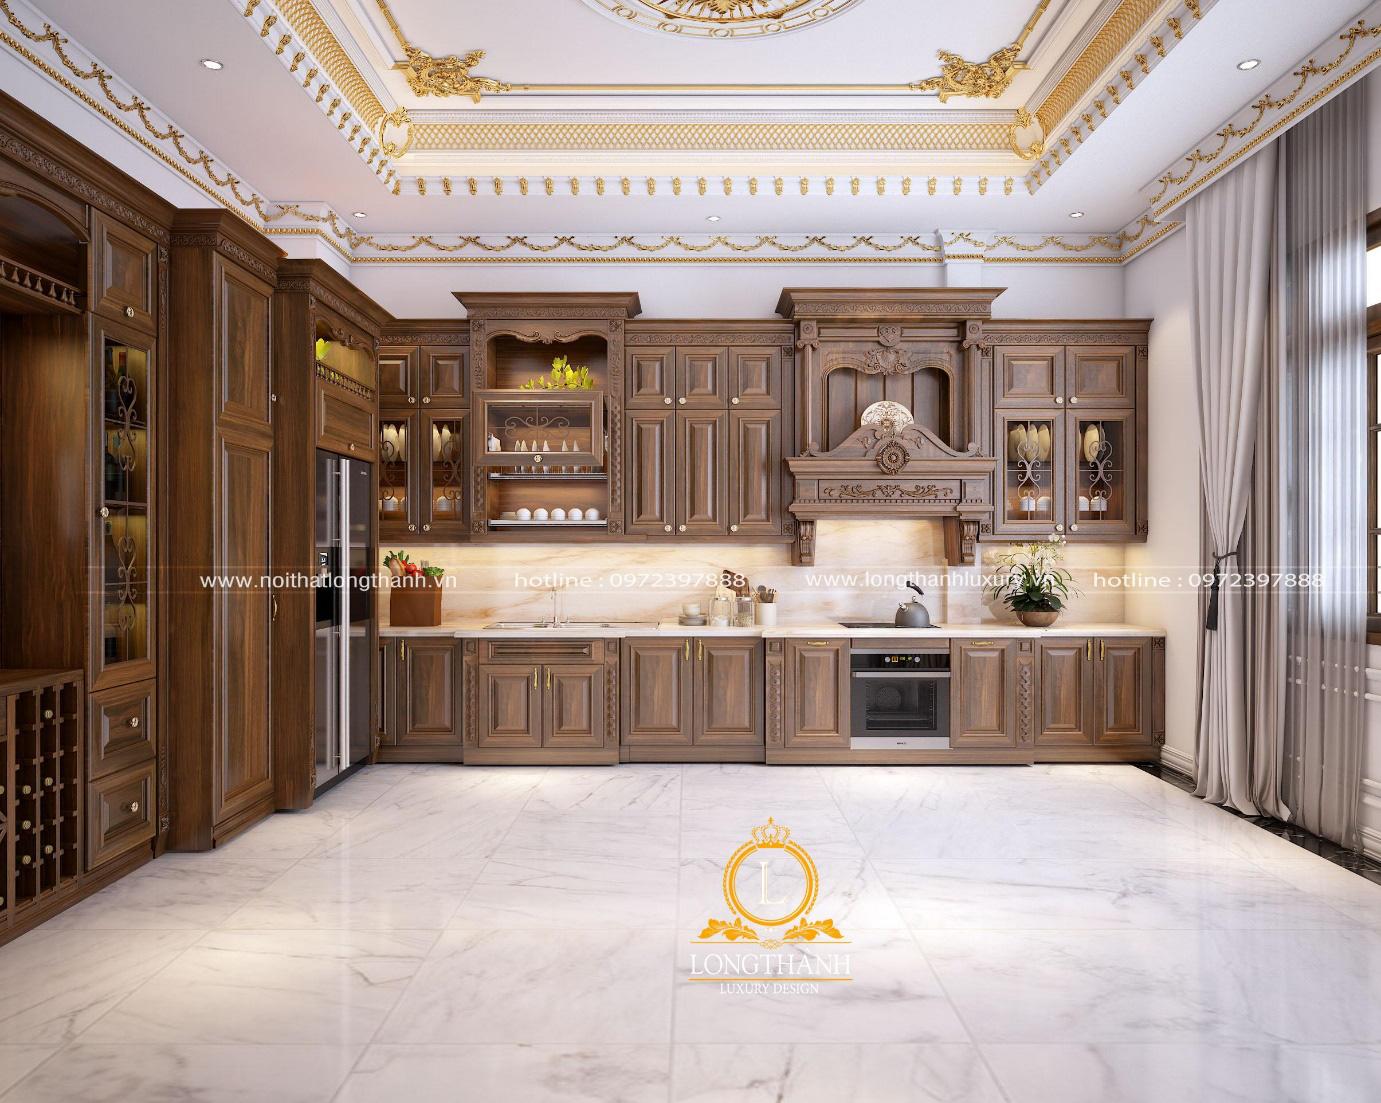 Nội Thất Long Thành – Kiến tạo vẻ đẹp hoàn mỹ cho ngôi nhà của bạn - Ảnh 4.